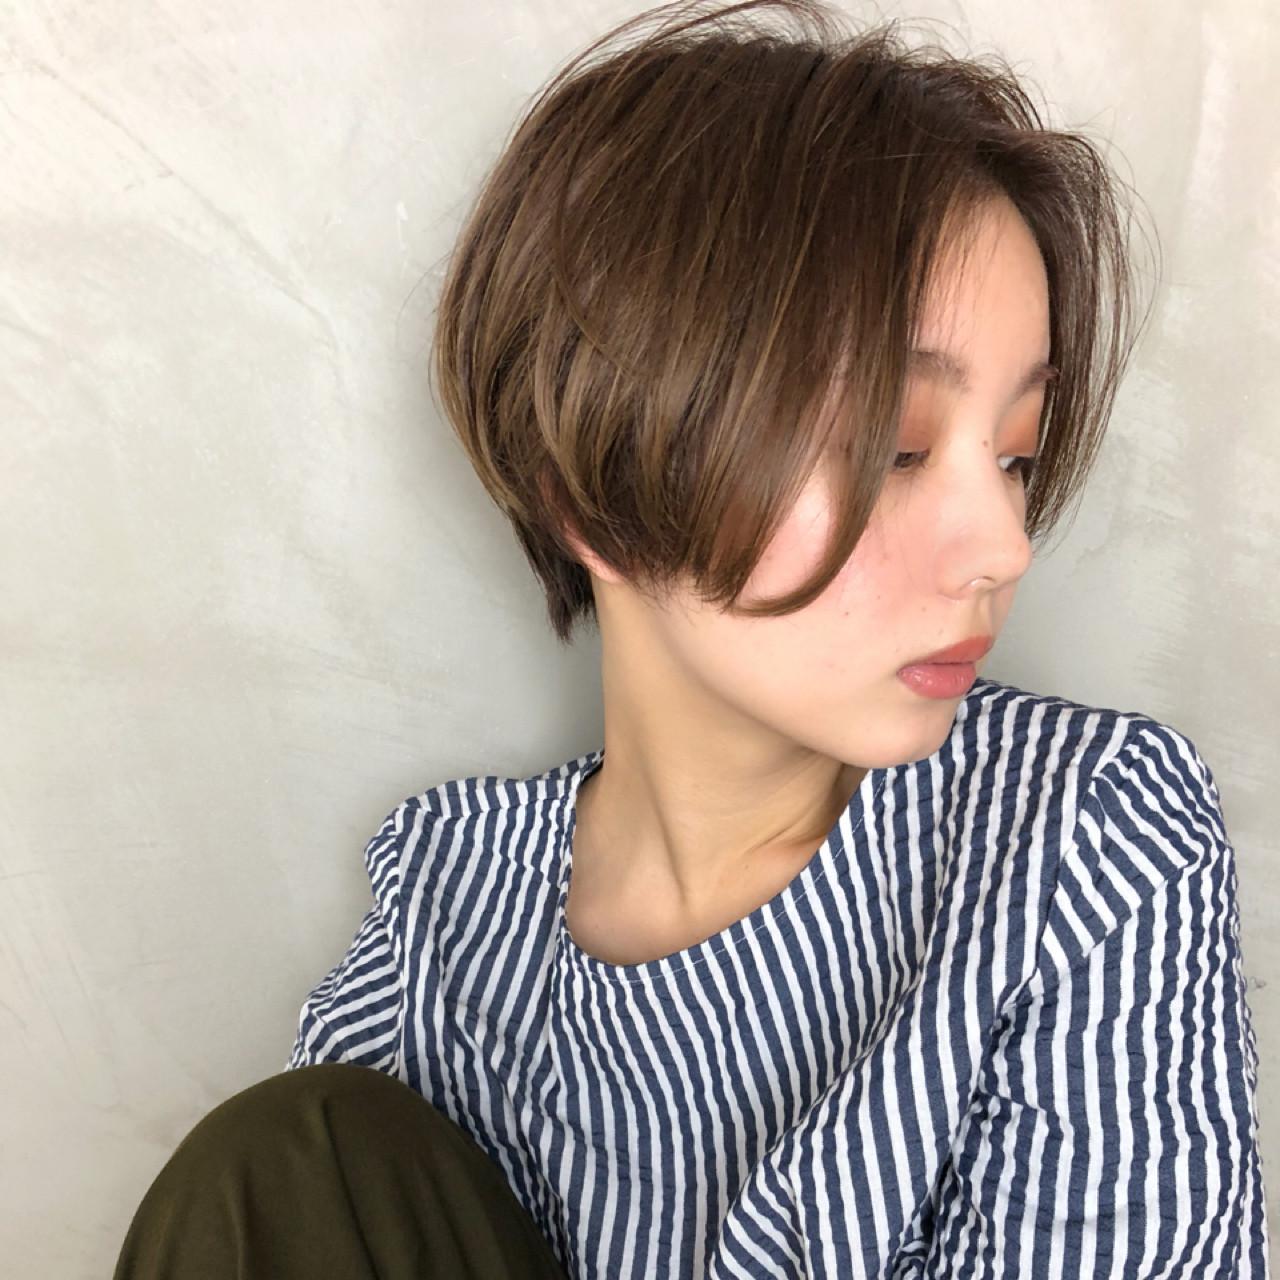 大人の魅力いっぱいの前髪なし前下がりショート Ninomiya Takashi